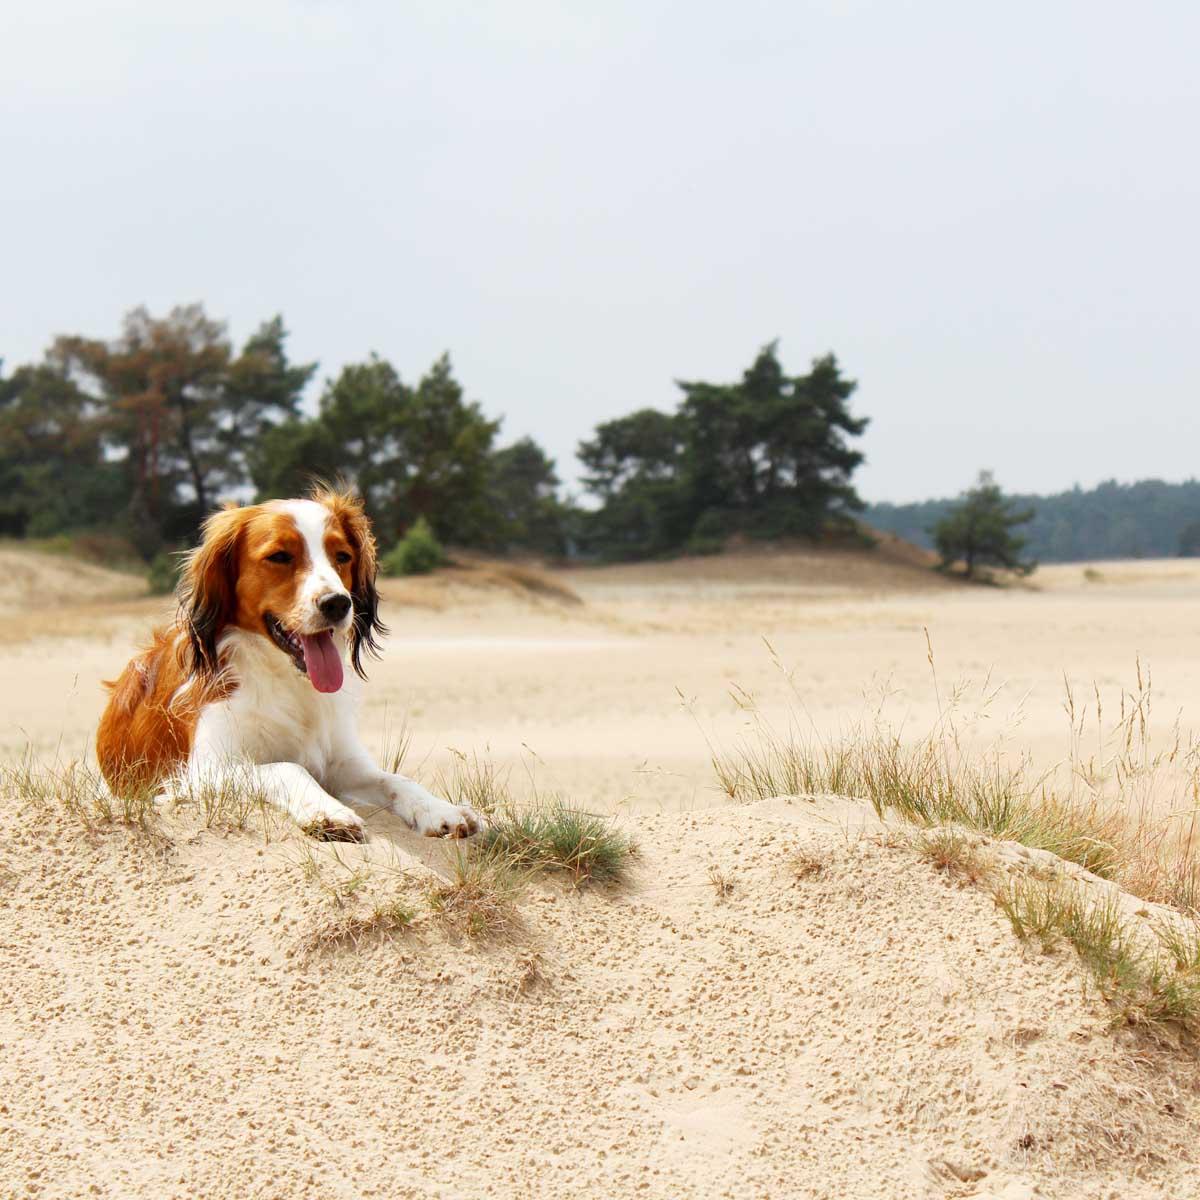 Wandelen met hond in Hulshorsterzand Veluwe - Map of Joy